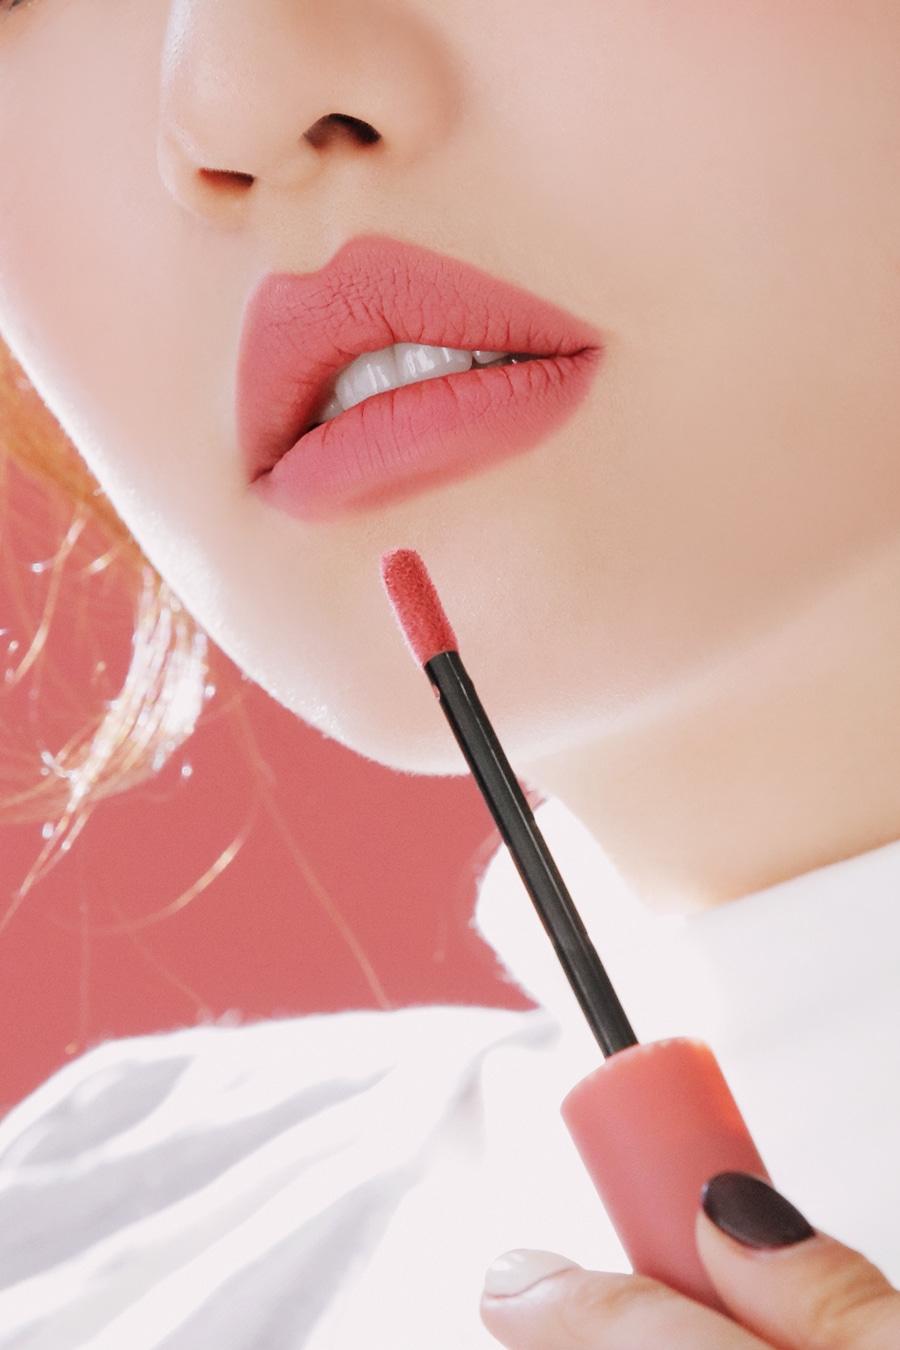 Son kem lì 3CE Velvet Lip Tint sắc hồng đất nhẹ nhàng